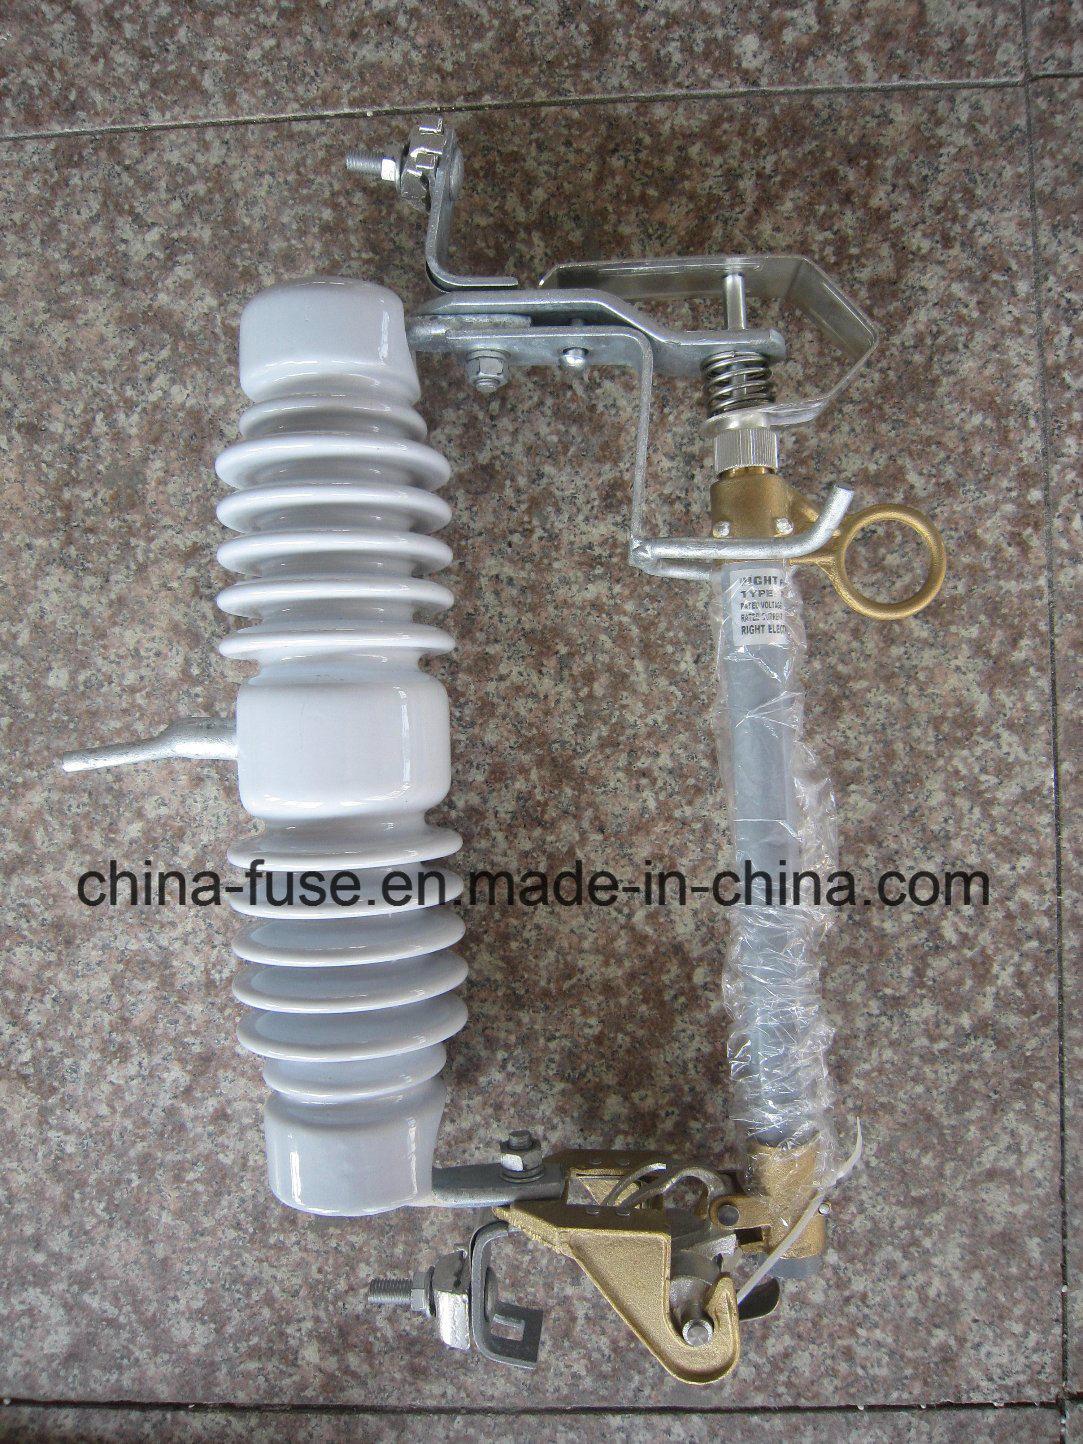 Porcelain Fuse Cutout, Drop out Fuse 24kv 100A